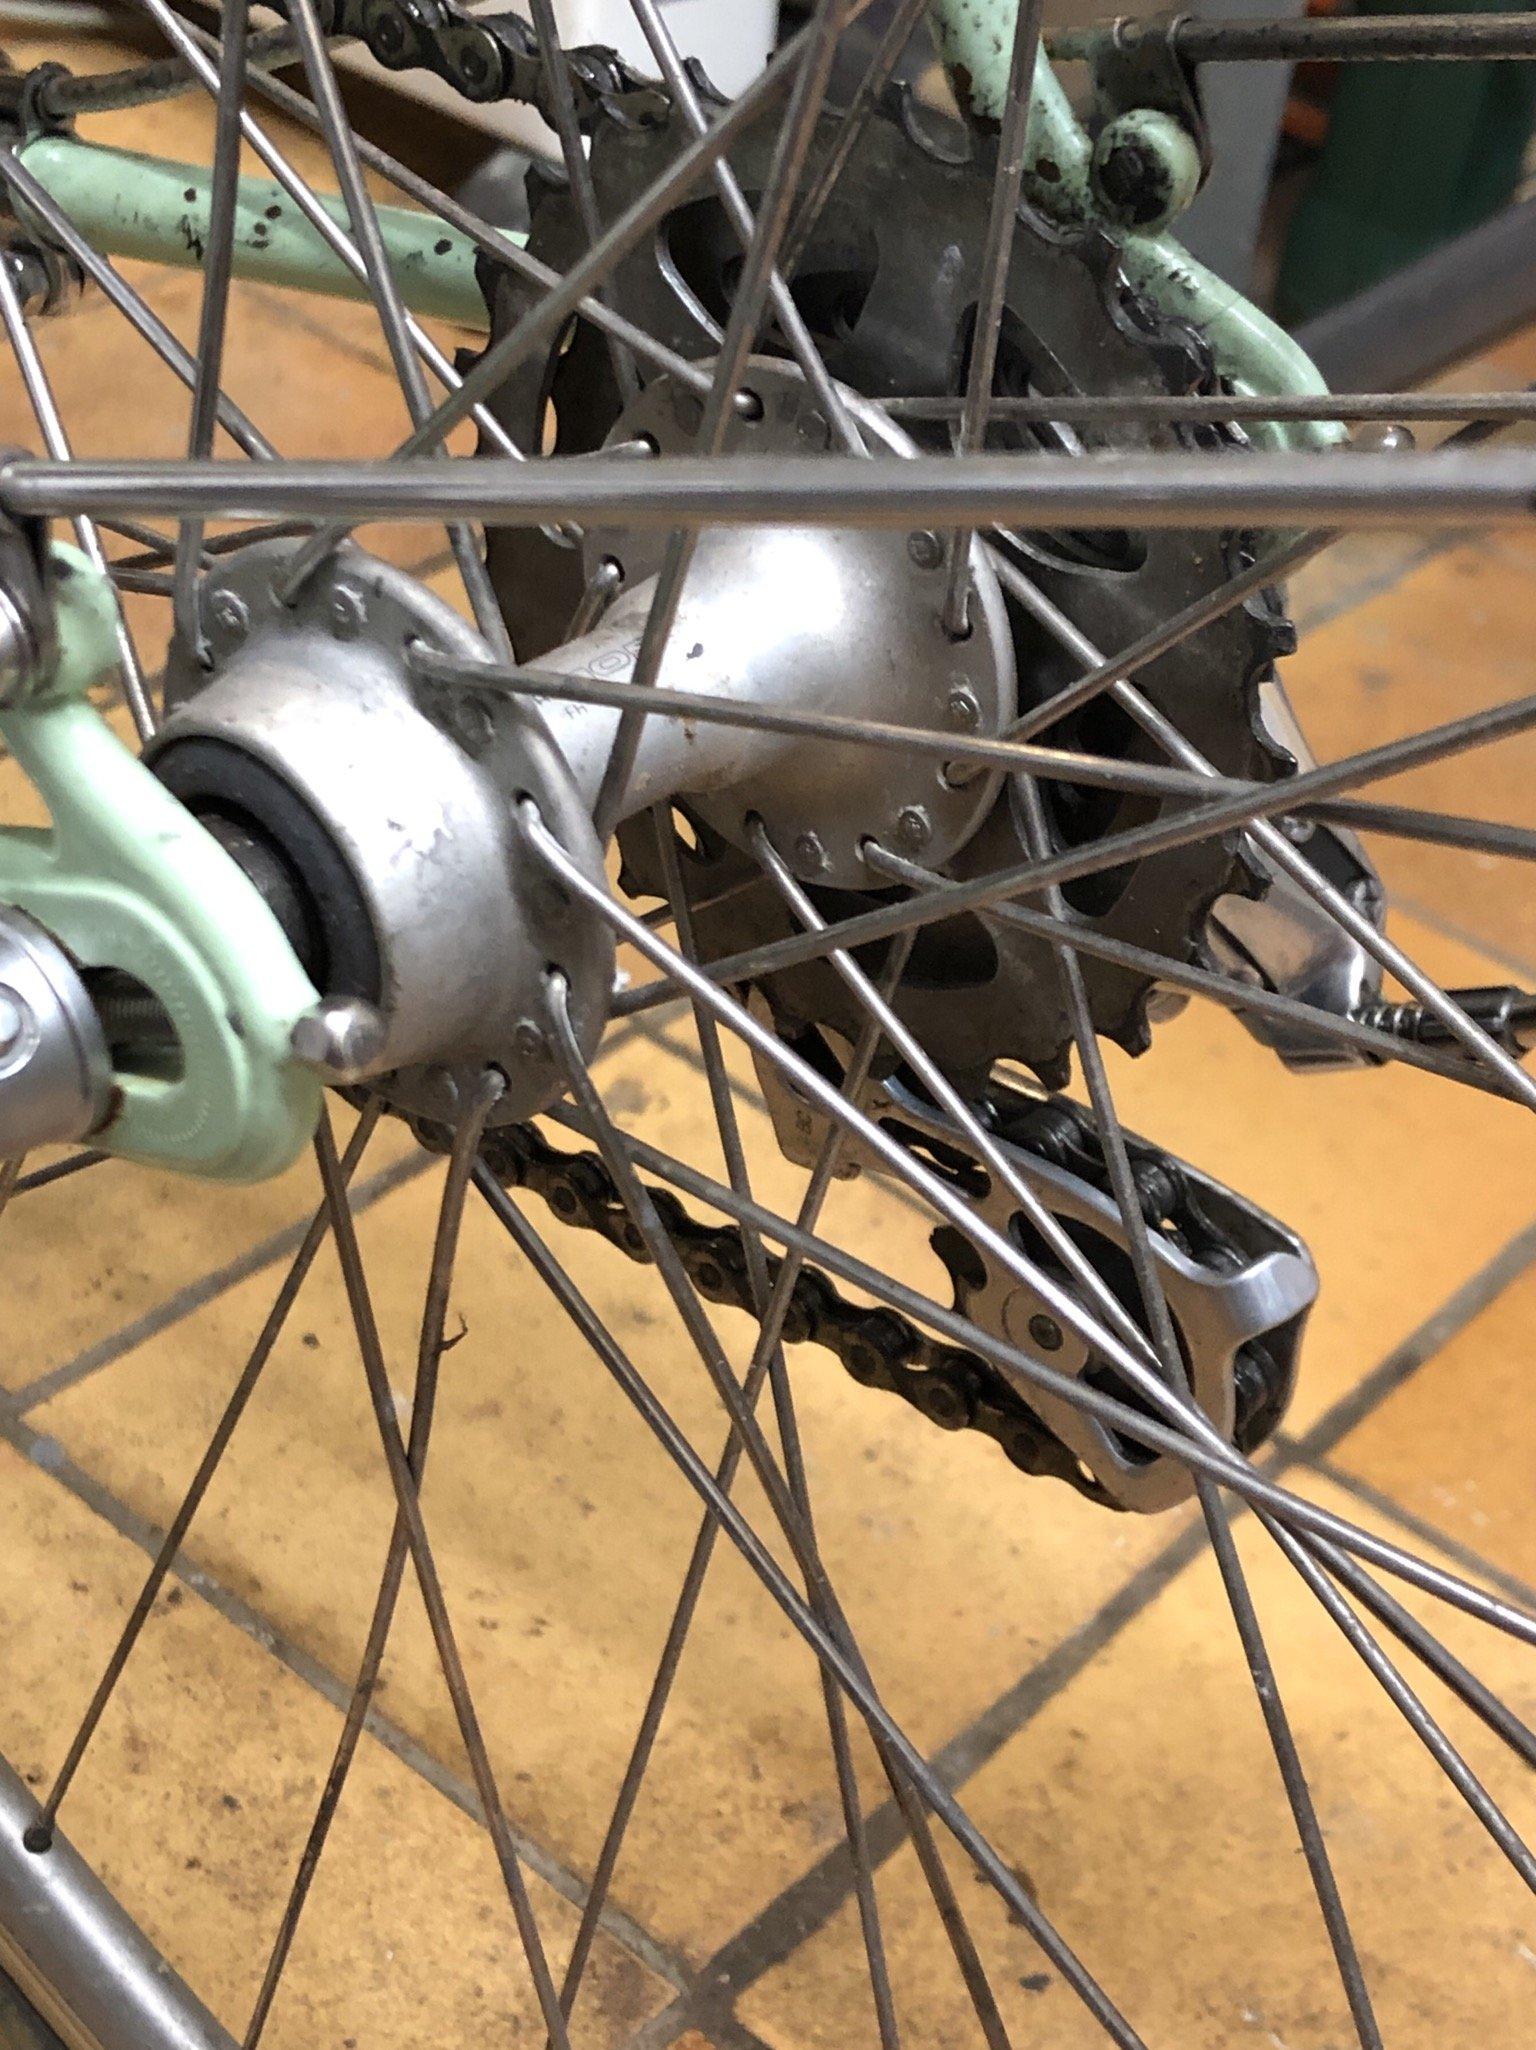 rayonner une roue demande de conseilles  200126112844645491